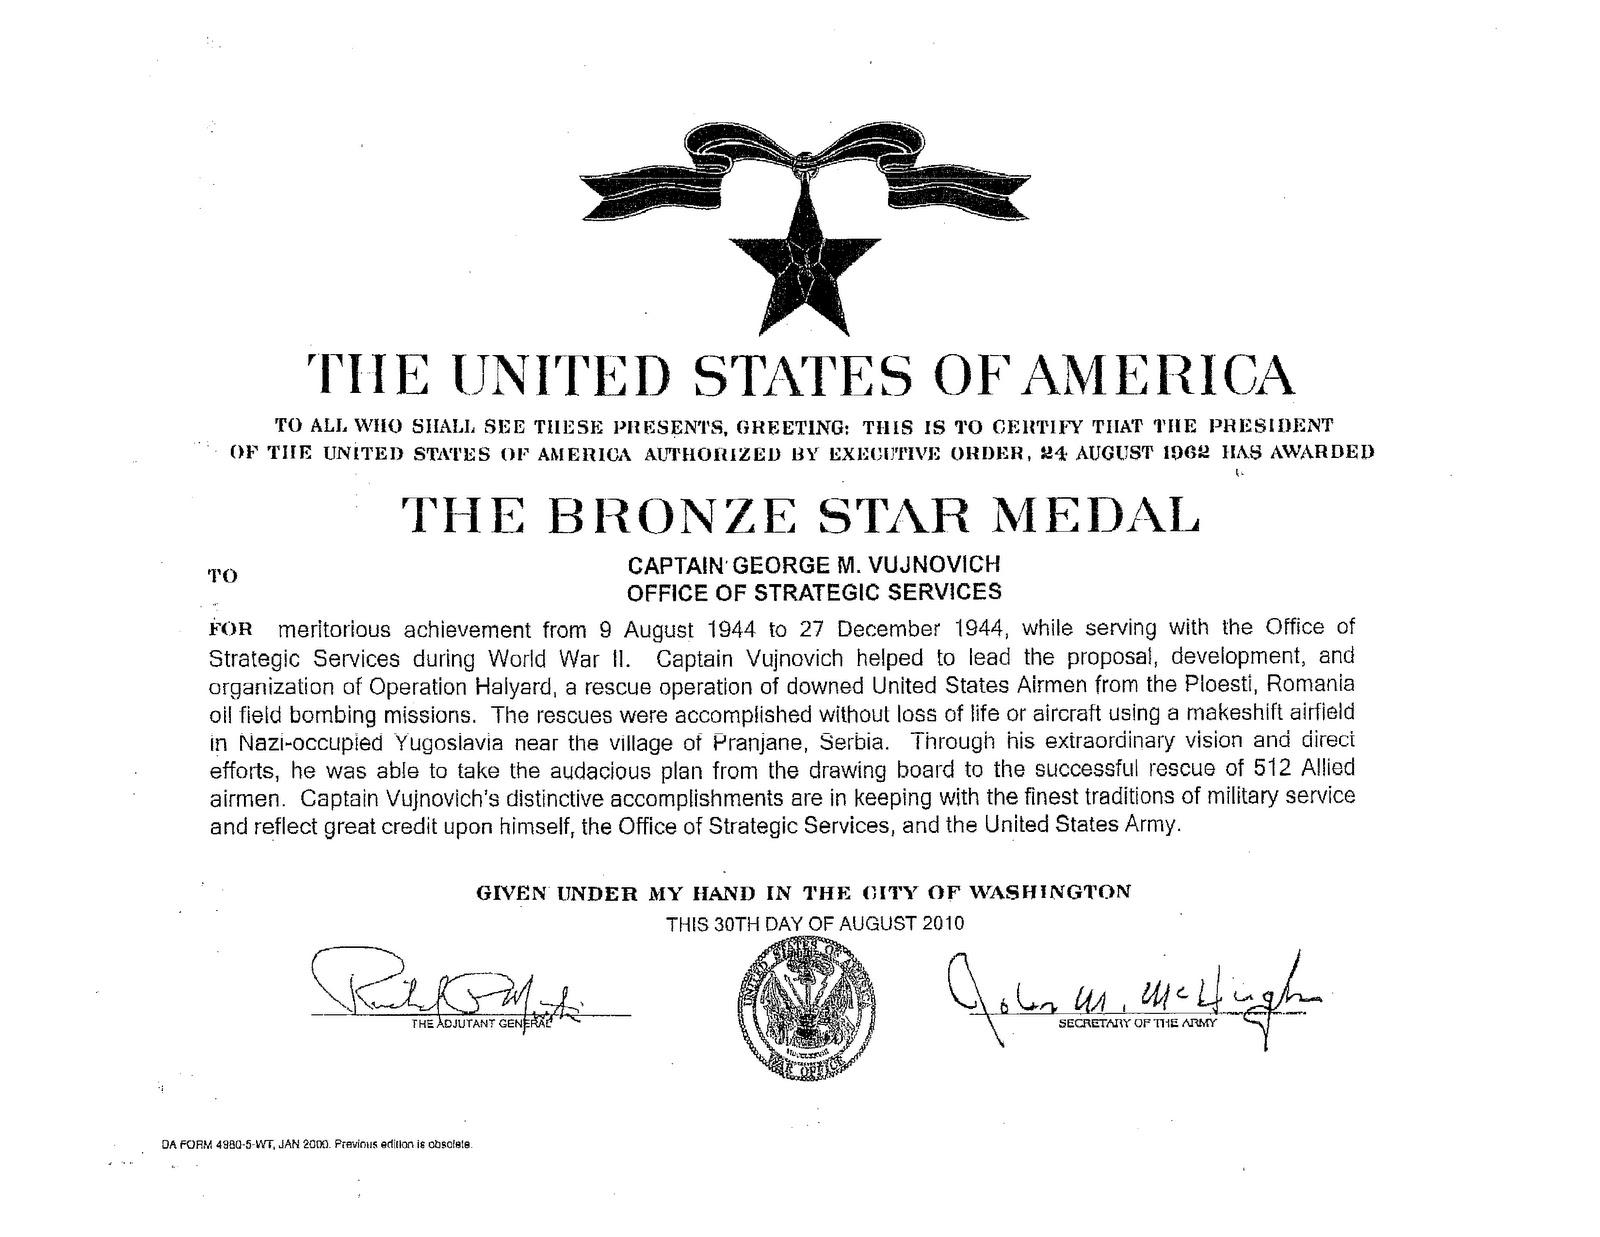 http://4.bp.blogspot.com/_5yC7rBE51K0/TKFM0ro8G2I/AAAAAAAABtI/xsKOsisLbnI/s1600/The_Bronze_Star_Medal_-_Capt._George_Vujnovich.bmp